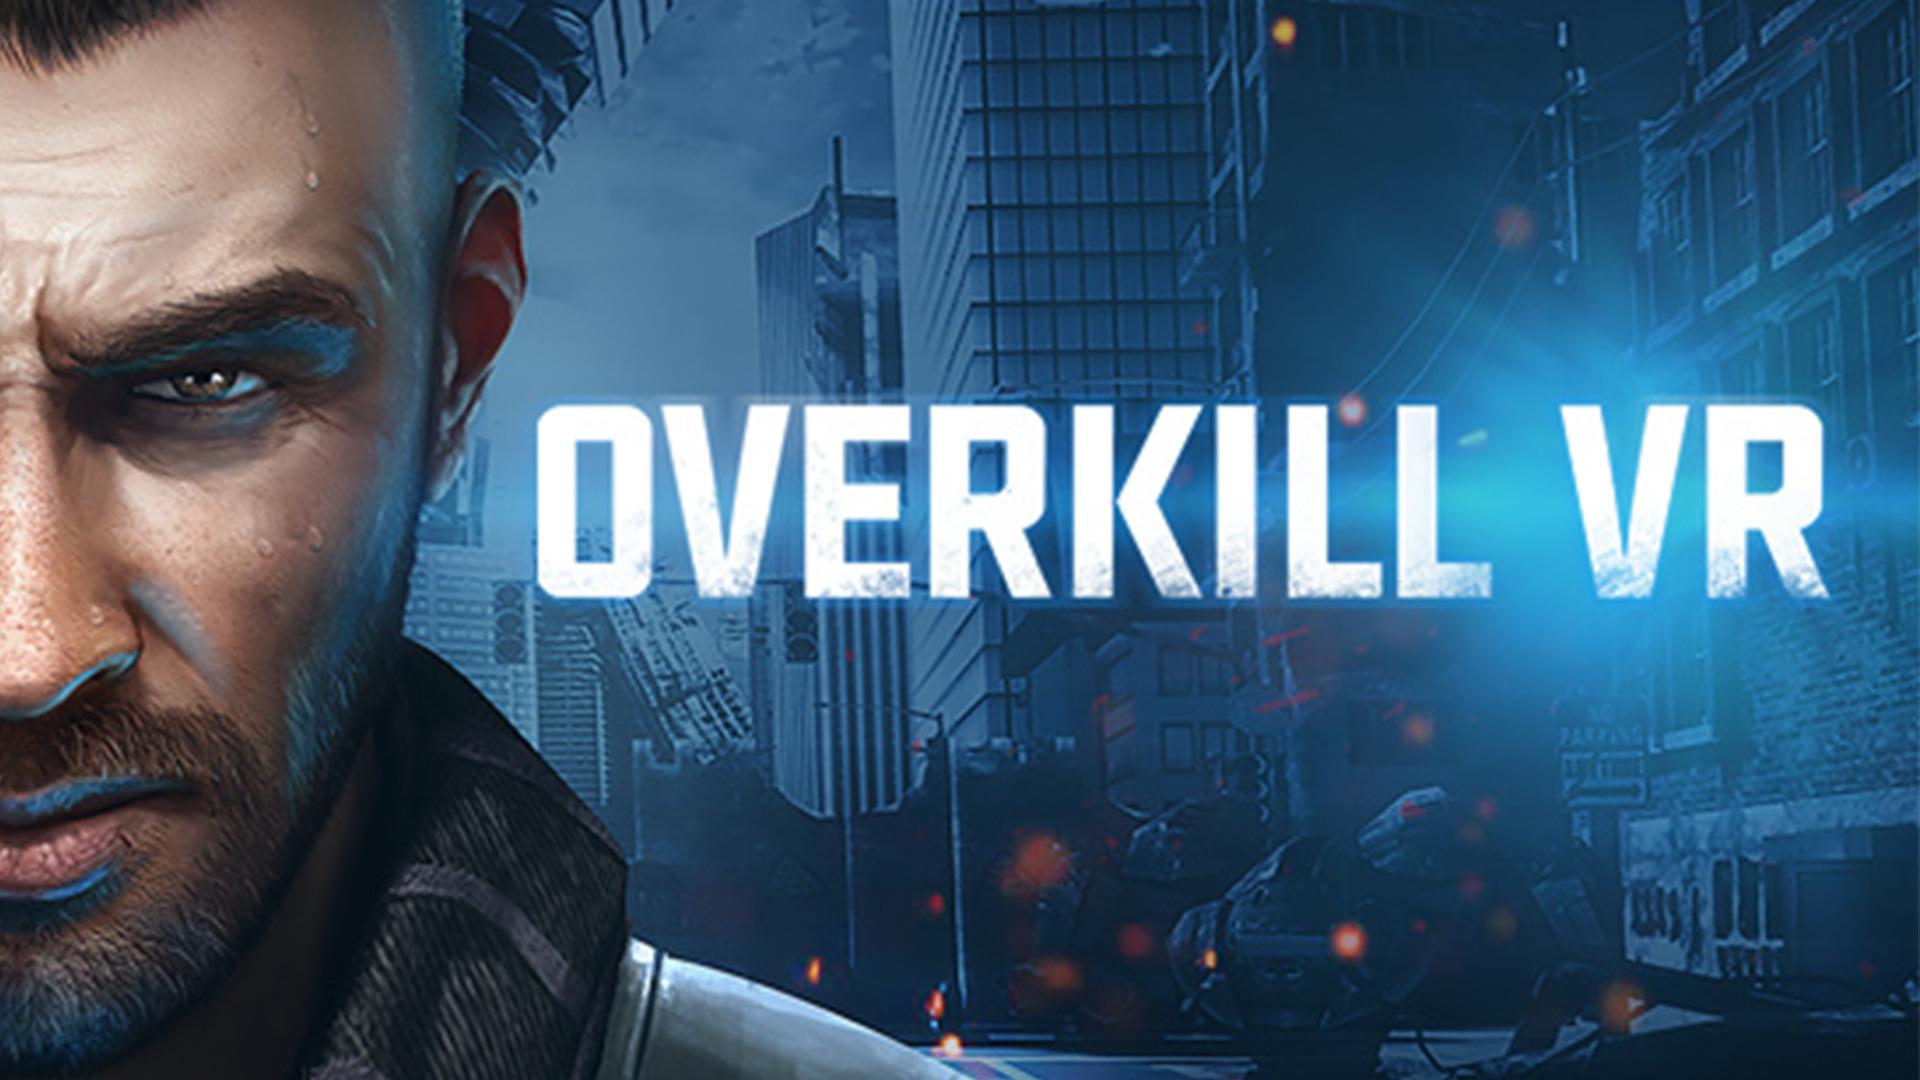 Overkill VR - Gameplay Teaser Trailer